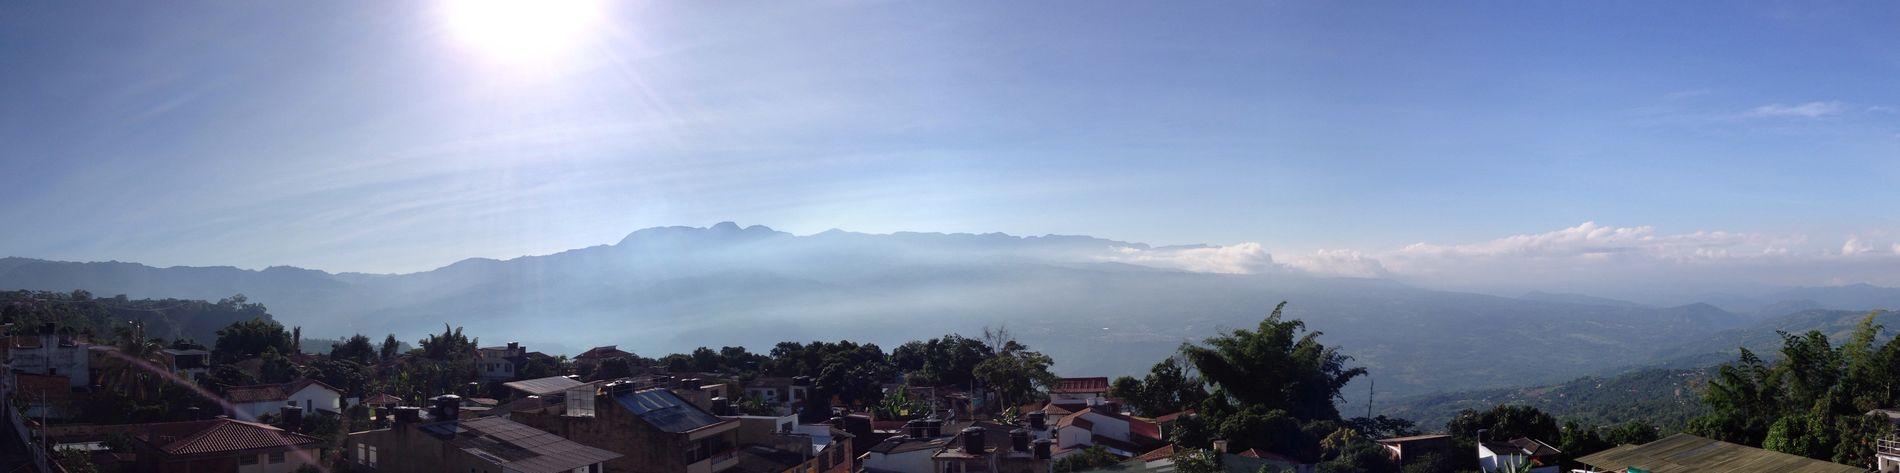 Otra mañana con buen paisaje!